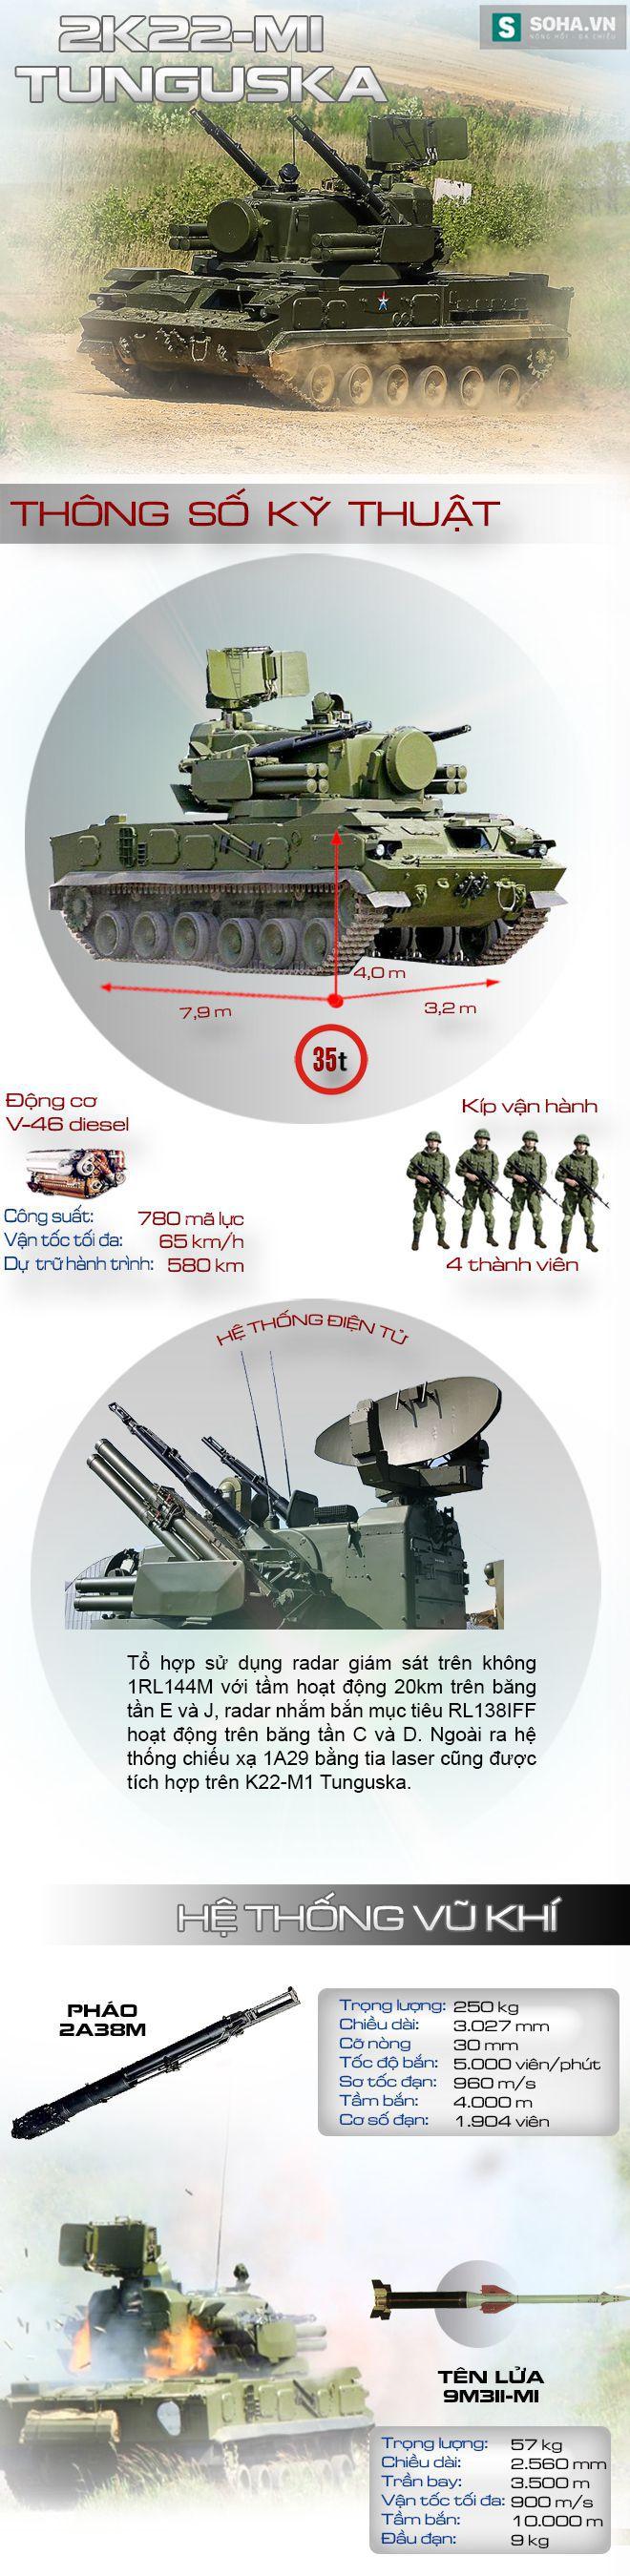 Hệ thống tên lửa - pháo phòng không tự hành tốt nhất đang có mặt tại Đông Nam Á - Ảnh 1.